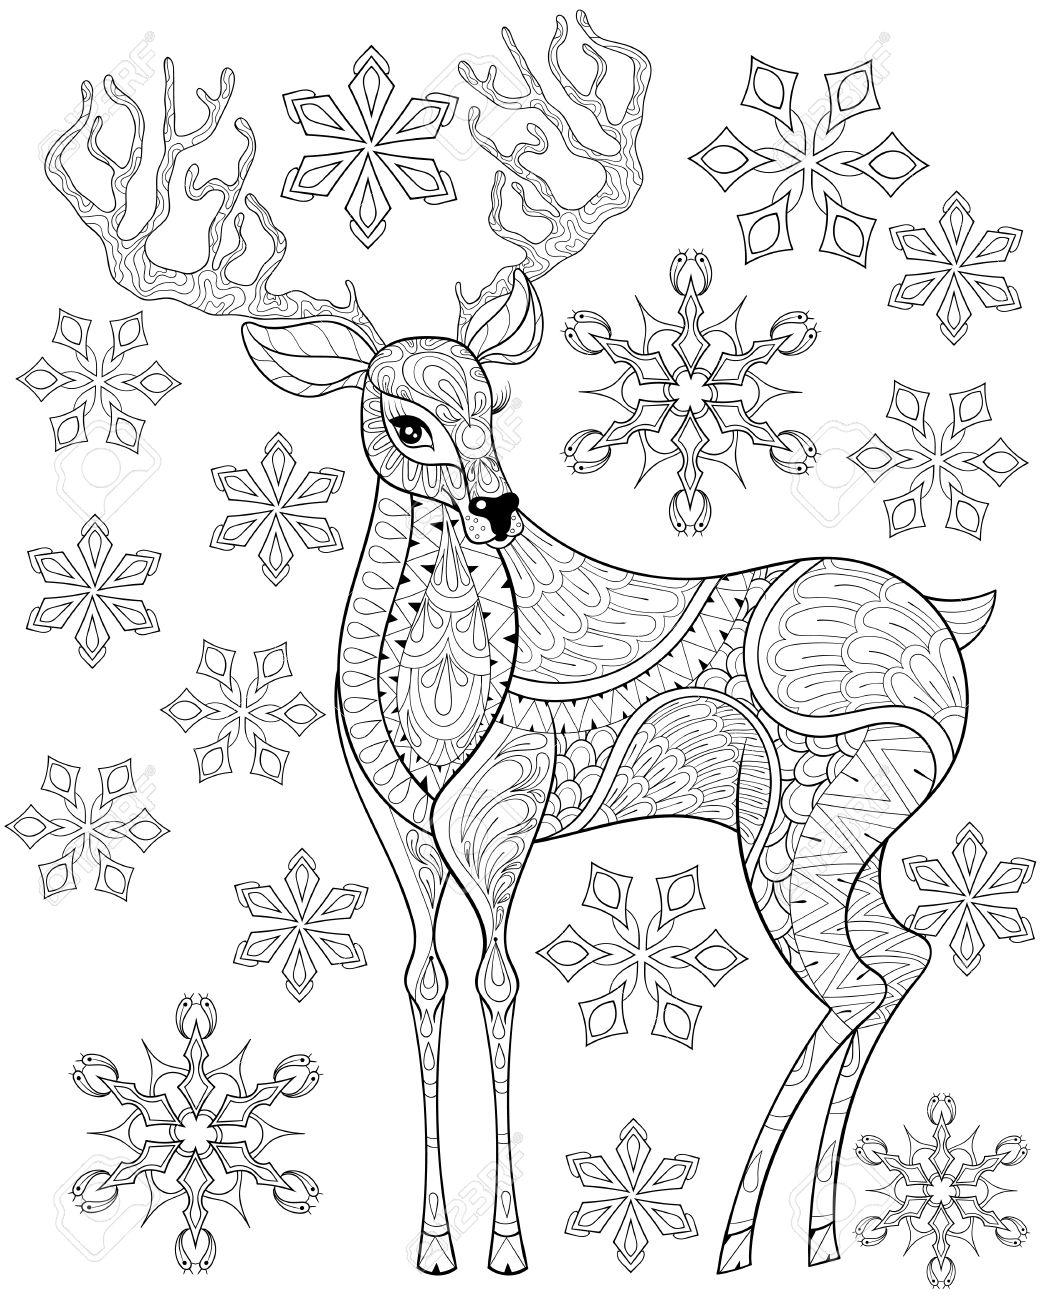 Vector De Renos De Navidad En Copos De Nieve Para Colorear Antiestrés Adultos Dibujado A Mano Ilustración Para El Año Nuevo 2017 Tarjetas De